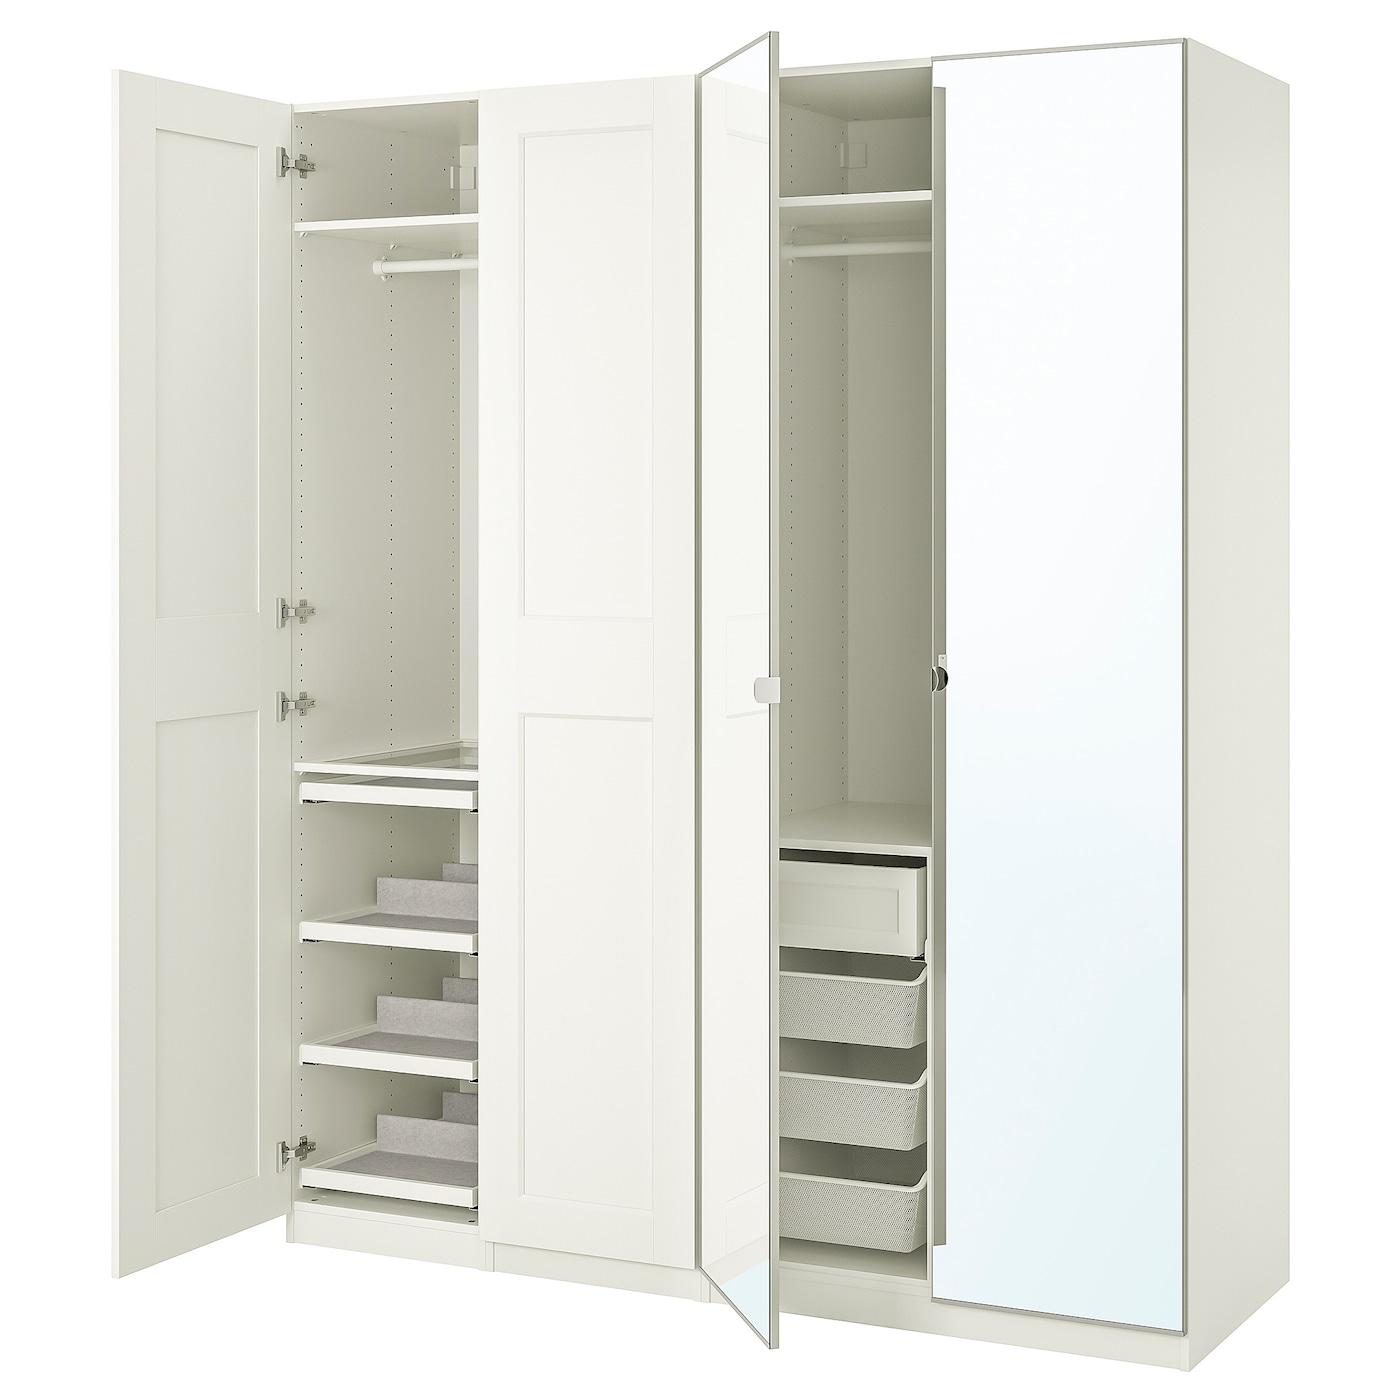 帕克思 / 格利莫/维克多 衣柜组合 白色/镜玻璃 200.0 厘米 60.0 厘米 236.4 厘米